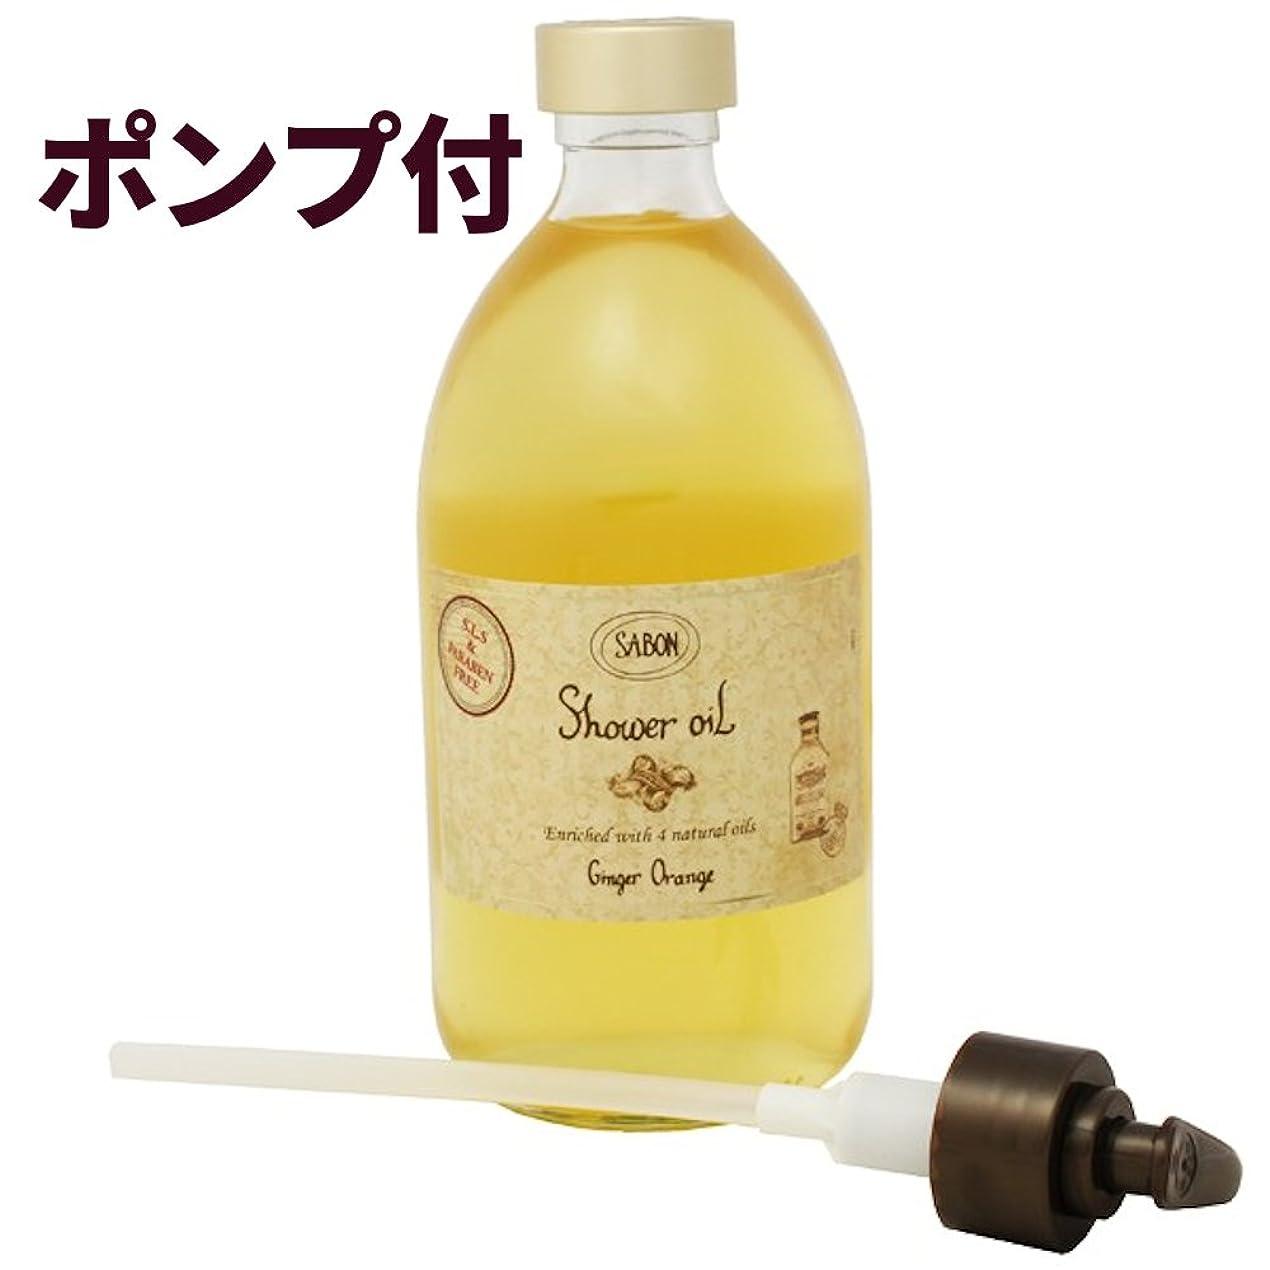 主流壁紙借りるサボン シャワーオイル ジンジャーオレンジ 500ml(並行輸入品)